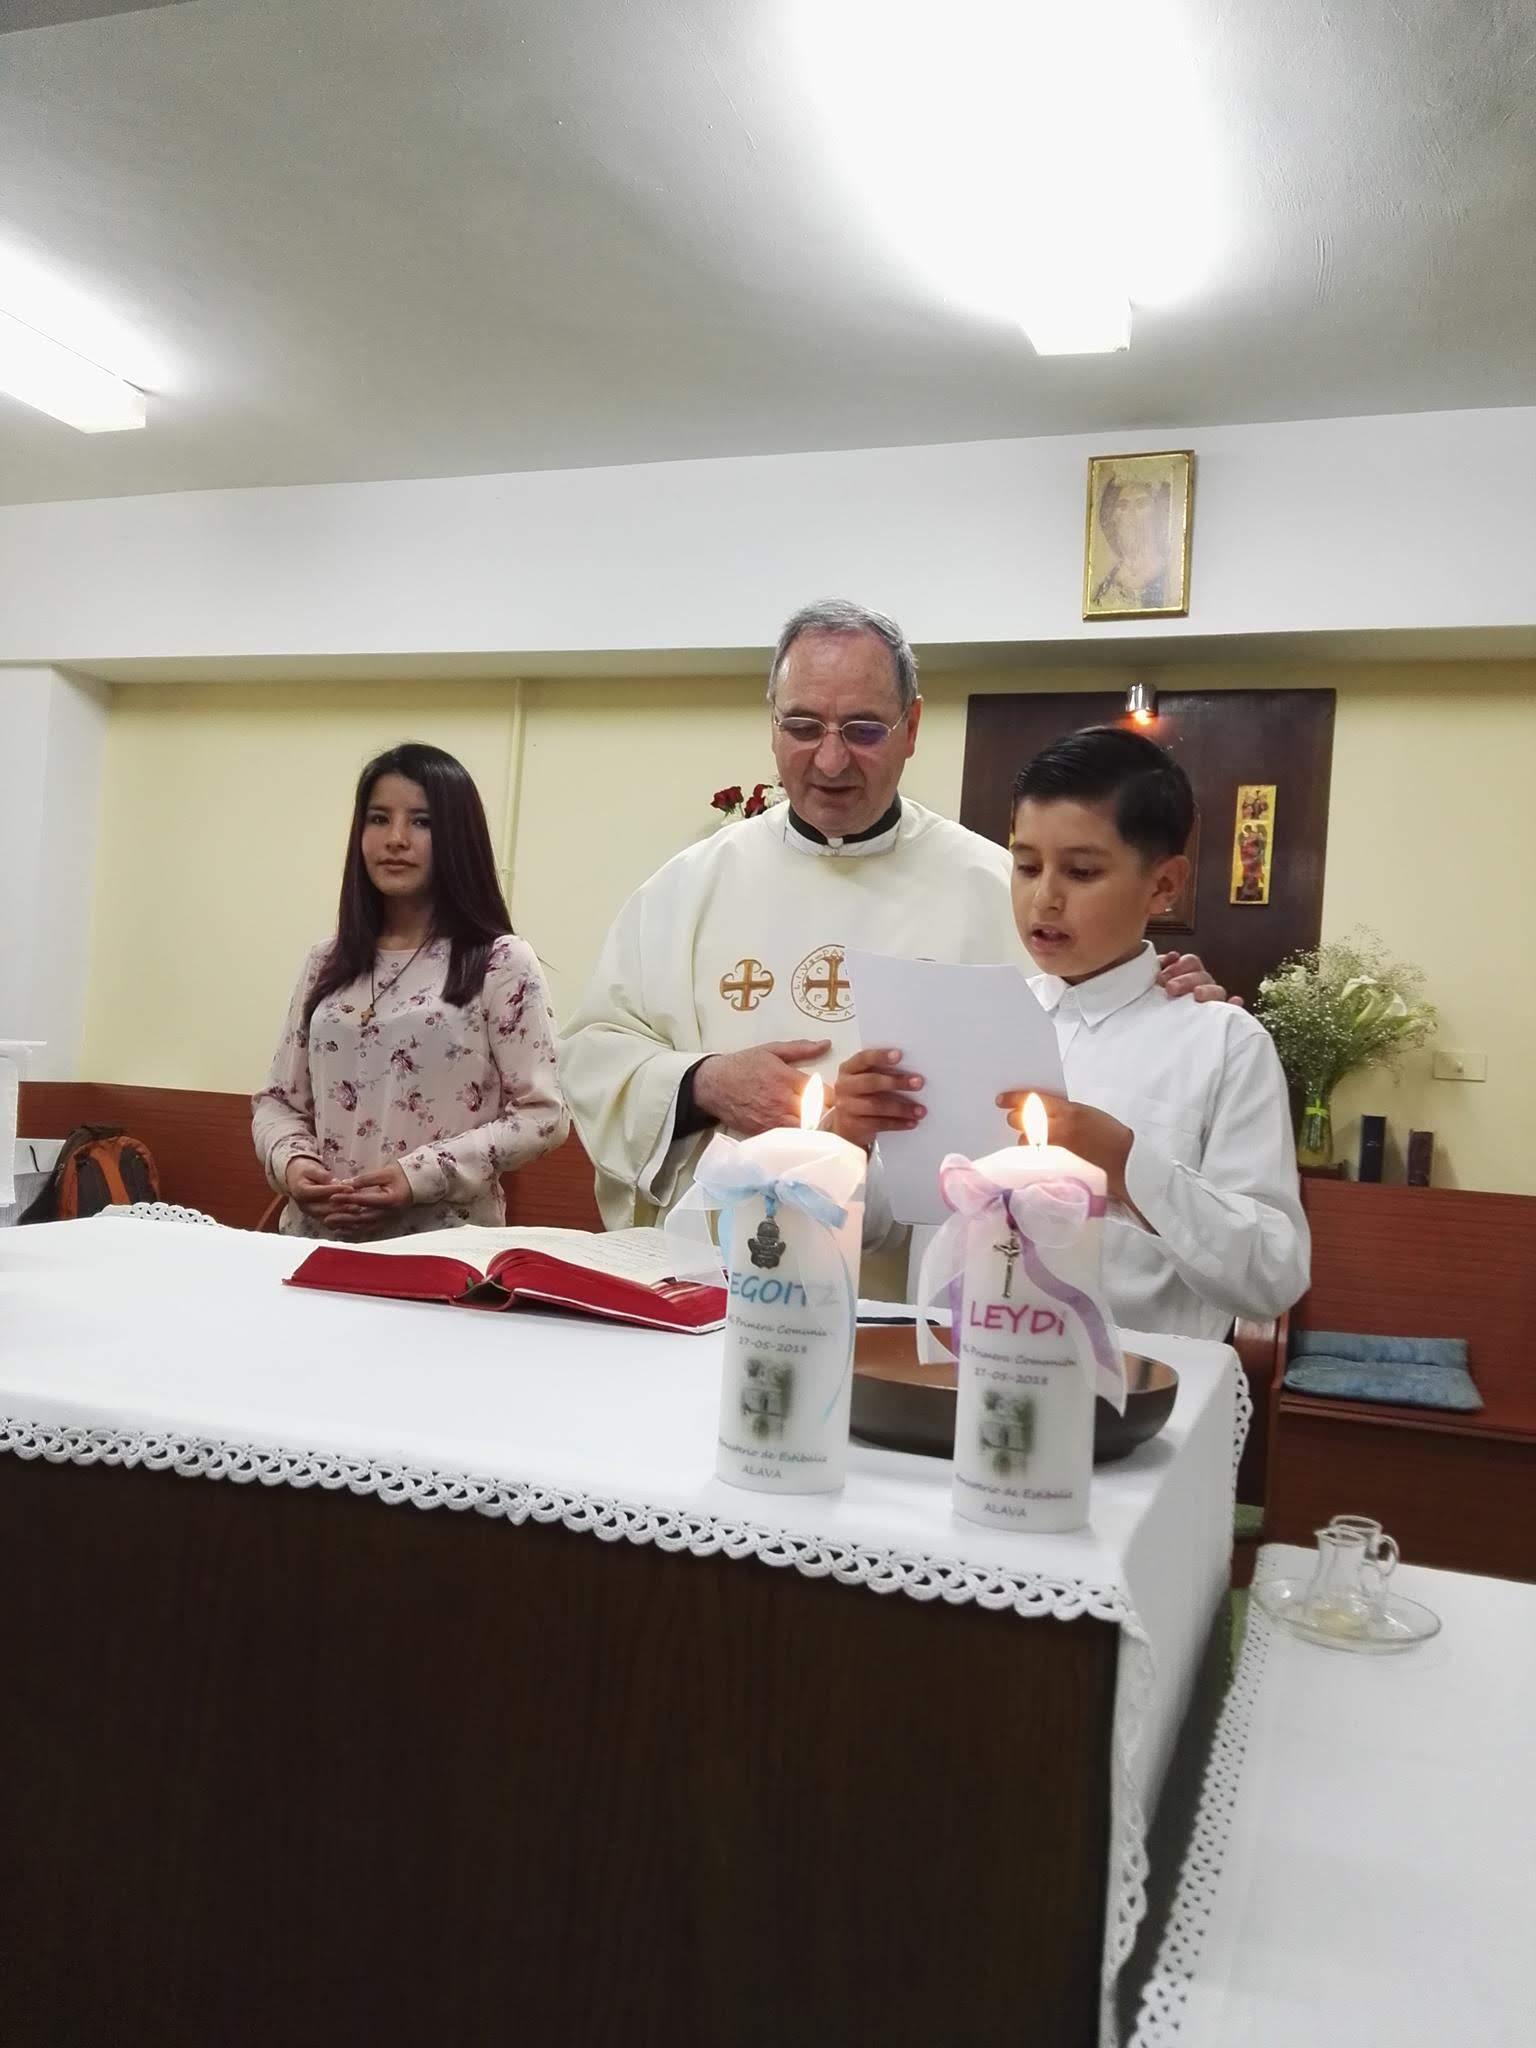 2018.05.27 - Dia Mariano en Estibaliz (9)